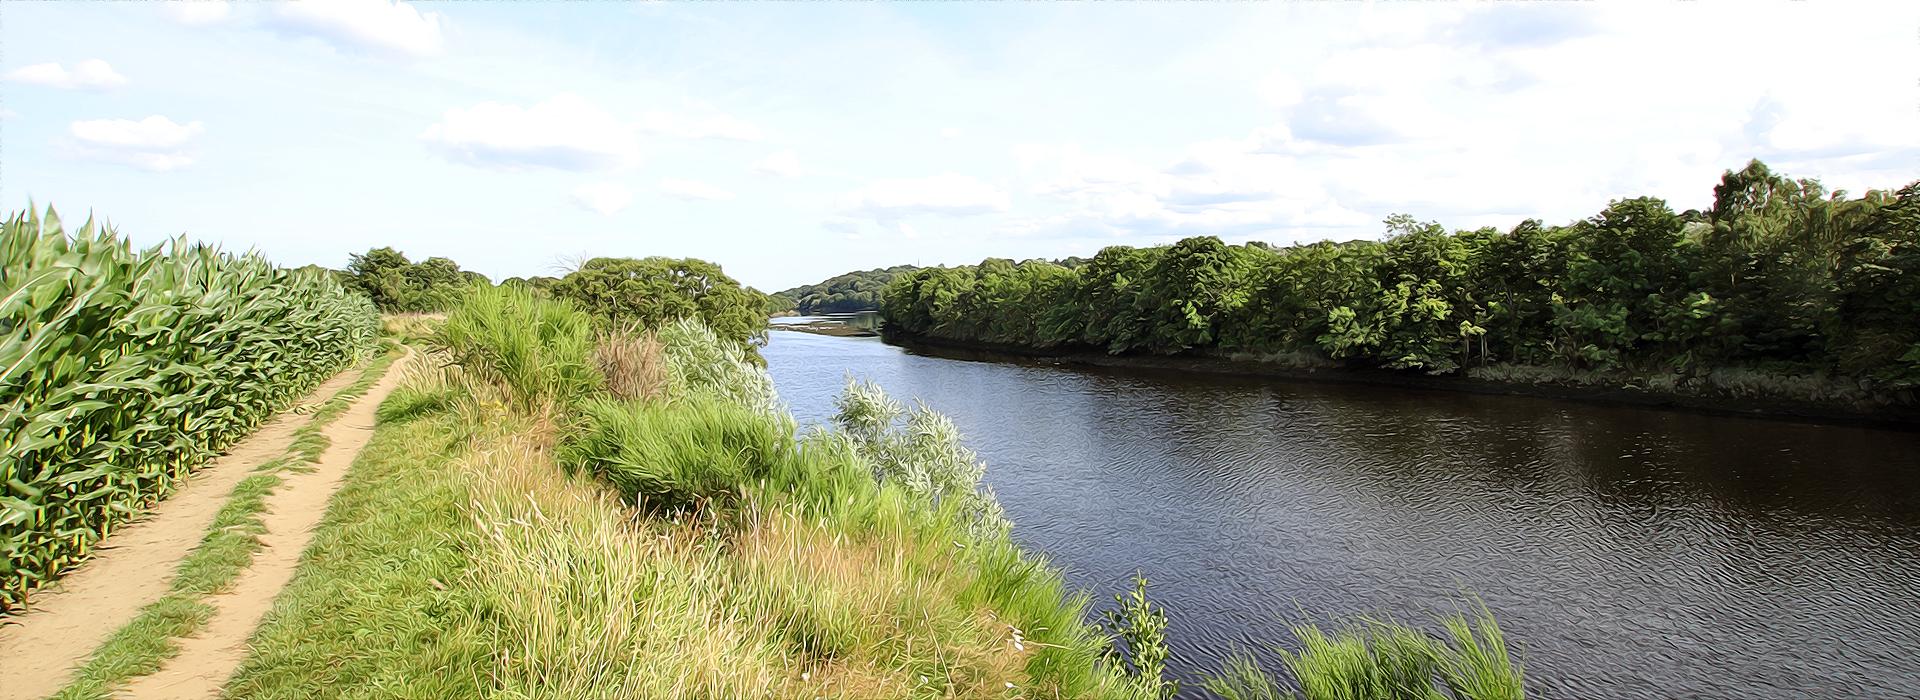 Newburn Riverside CP - River Tyne